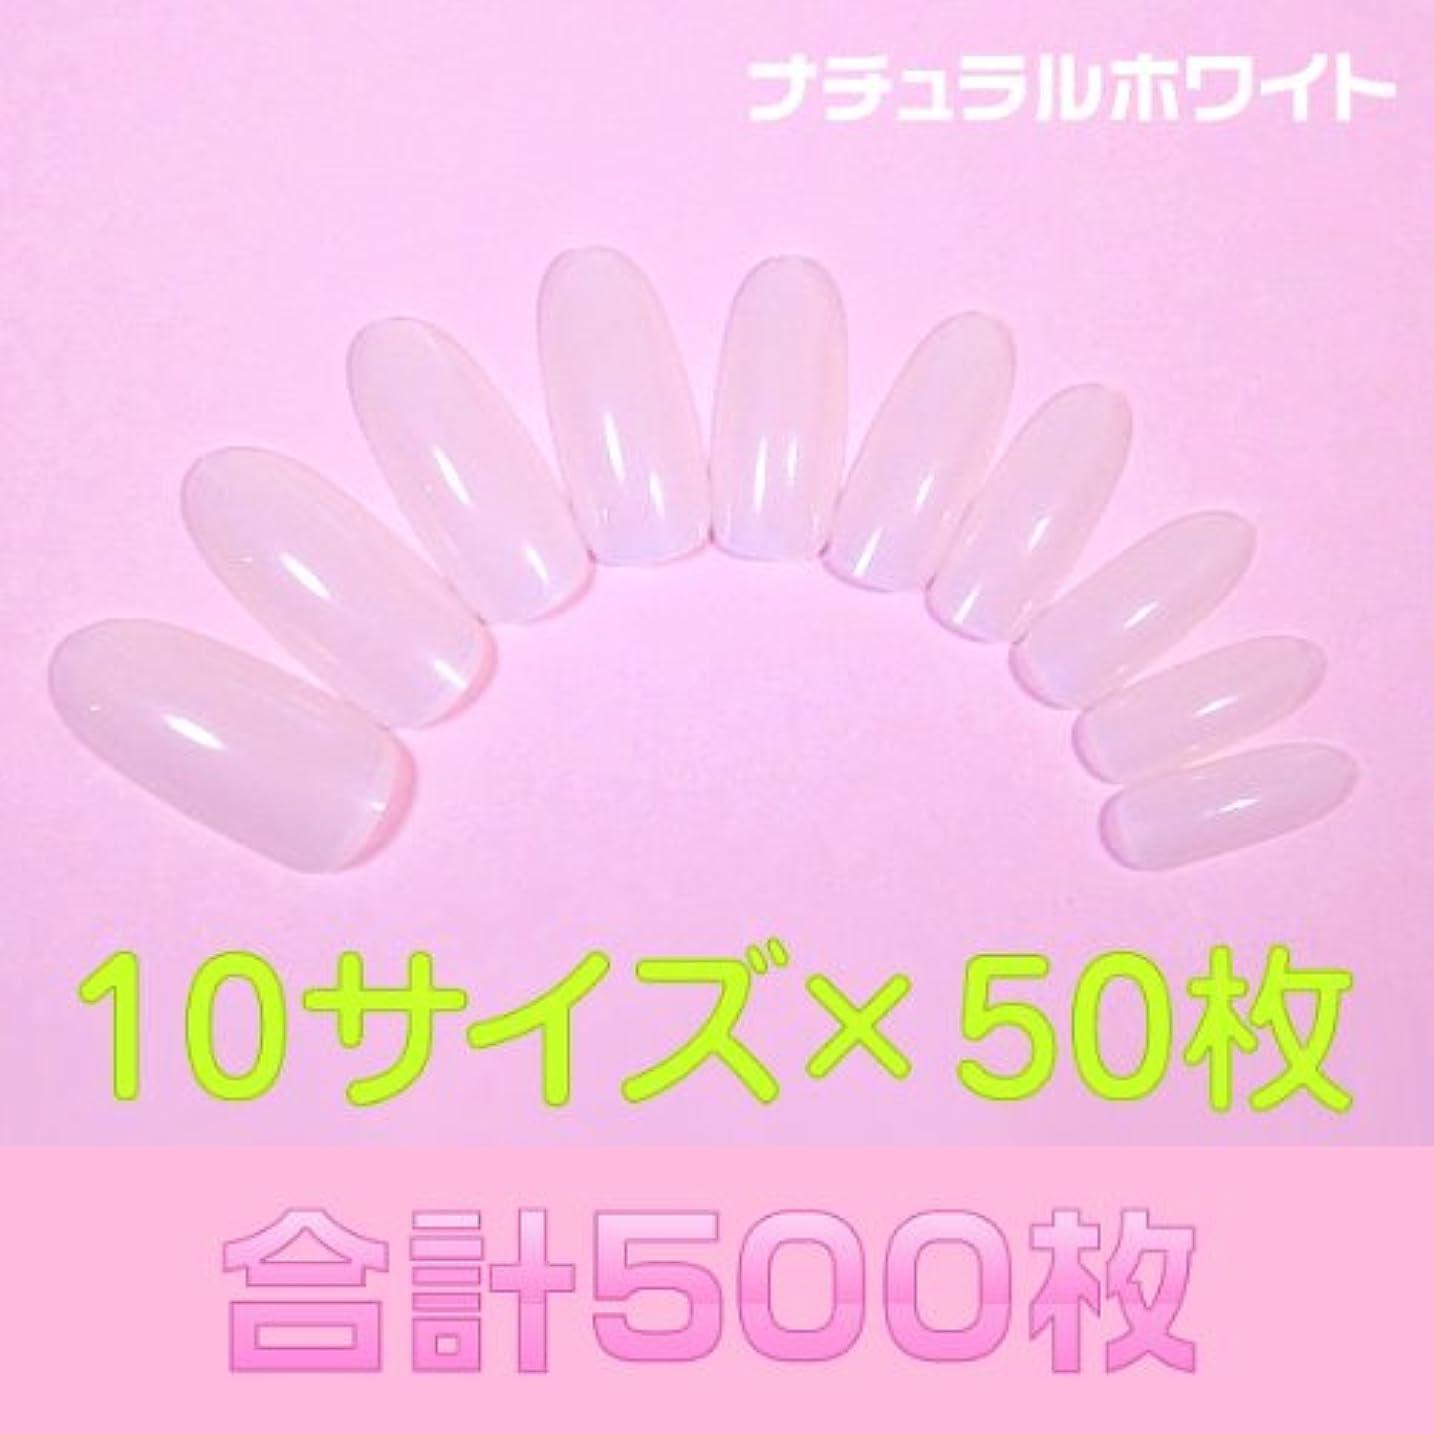 シート議題クラシックネイルチップ 無地 ナチュラルホワイト ロングオーバル500枚 [#4]フルカバーオーダー用通販 つけ爪付け爪